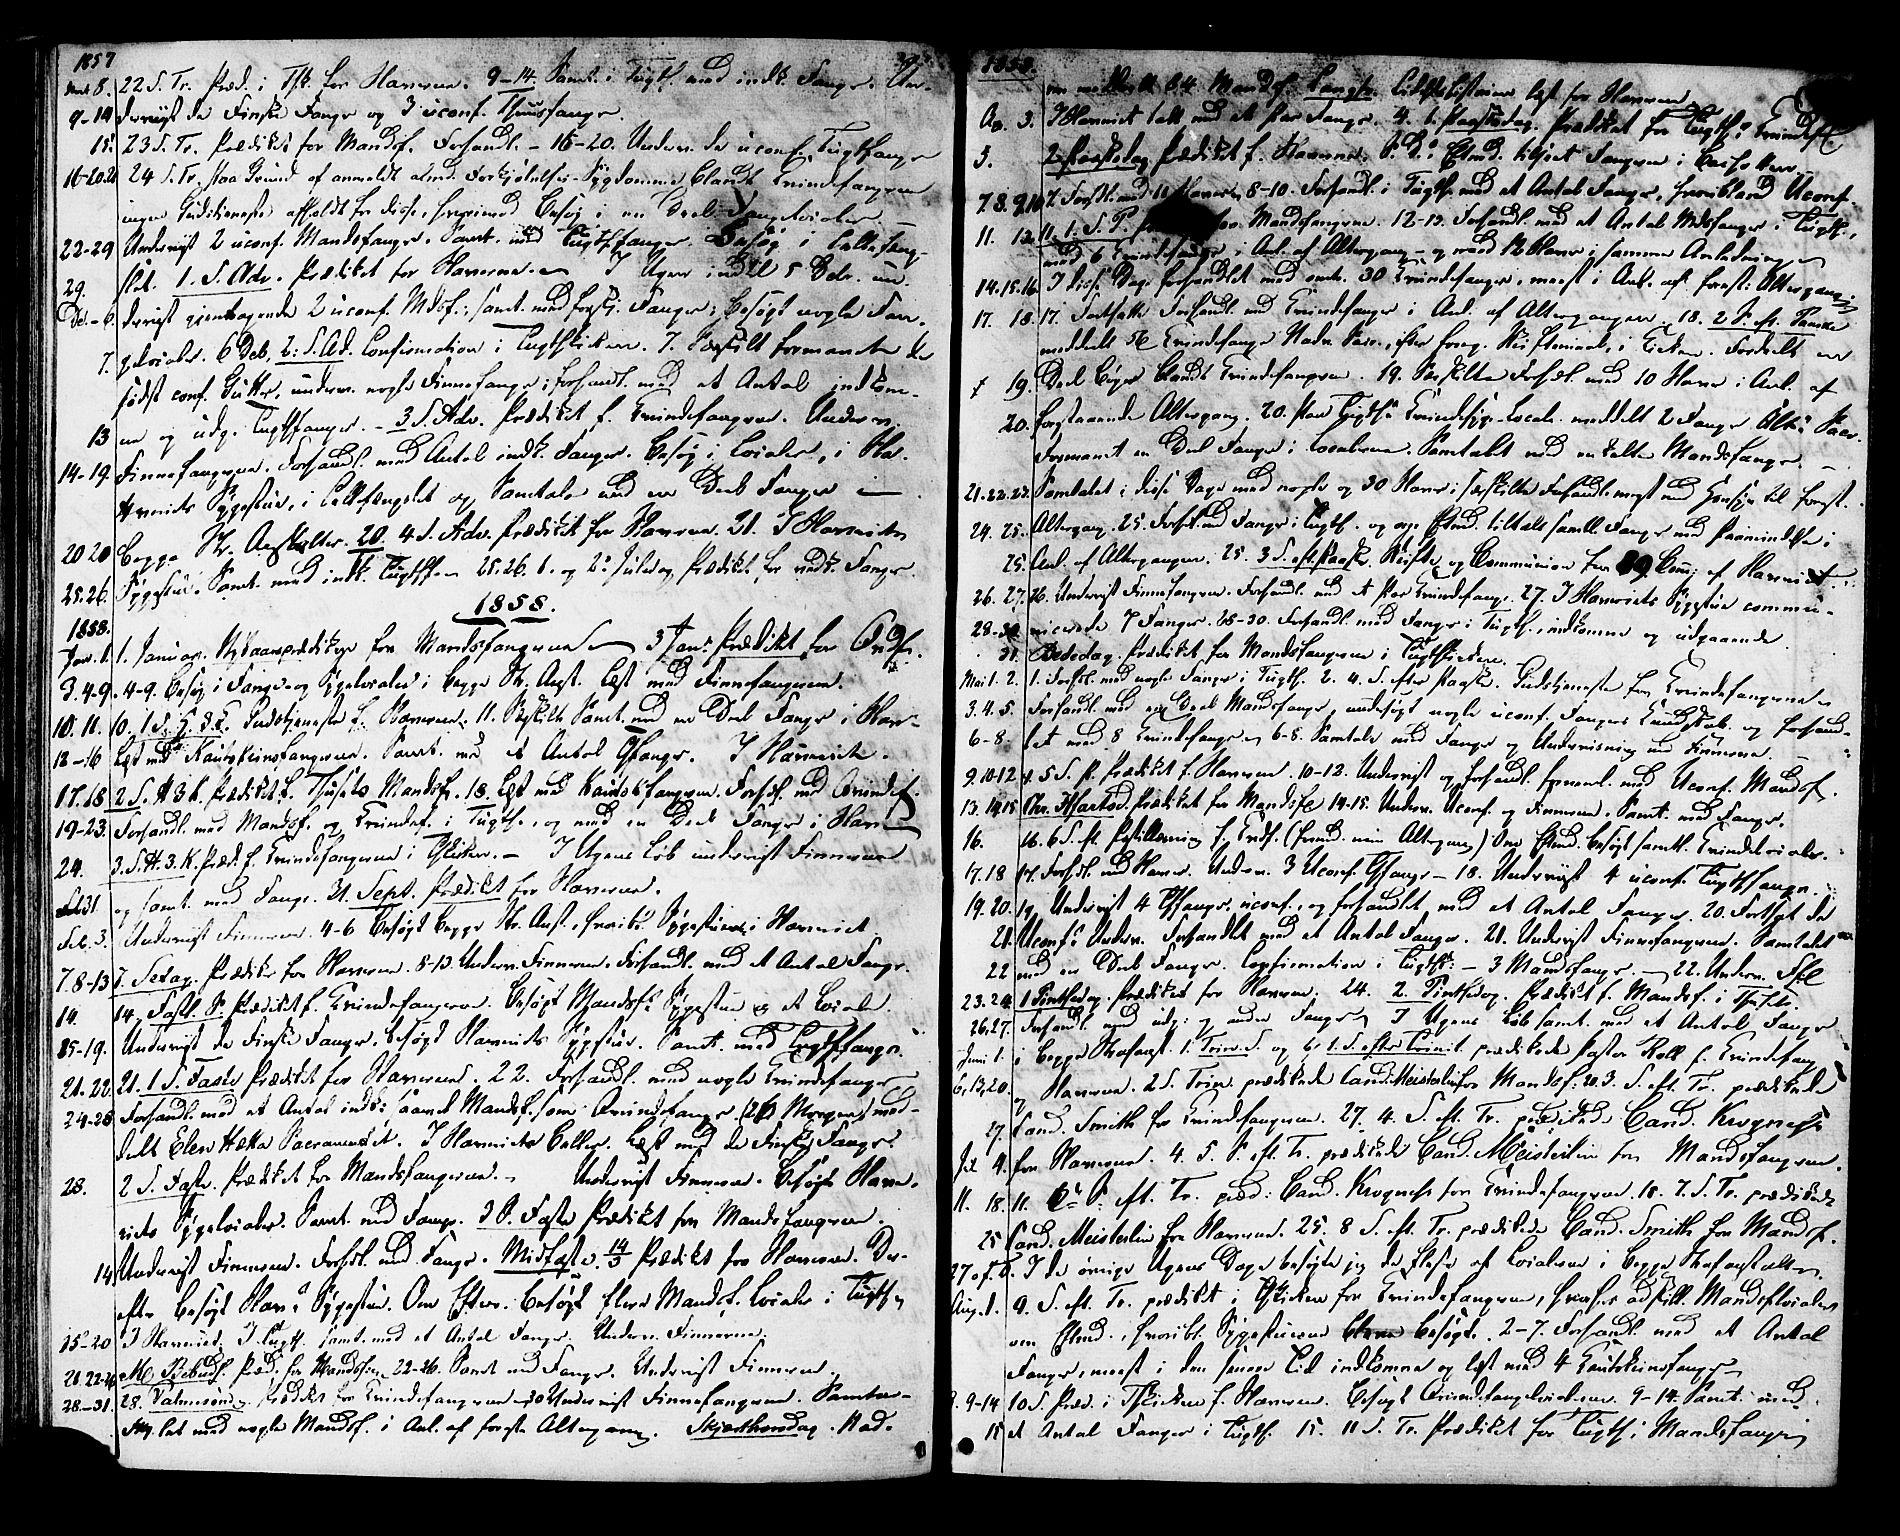 SAT, Ministerialprotokoller, klokkerbøker og fødselsregistre - Sør-Trøndelag, 624/L0481: Ministerialbok nr. 624A02, 1841-1869, s. 43